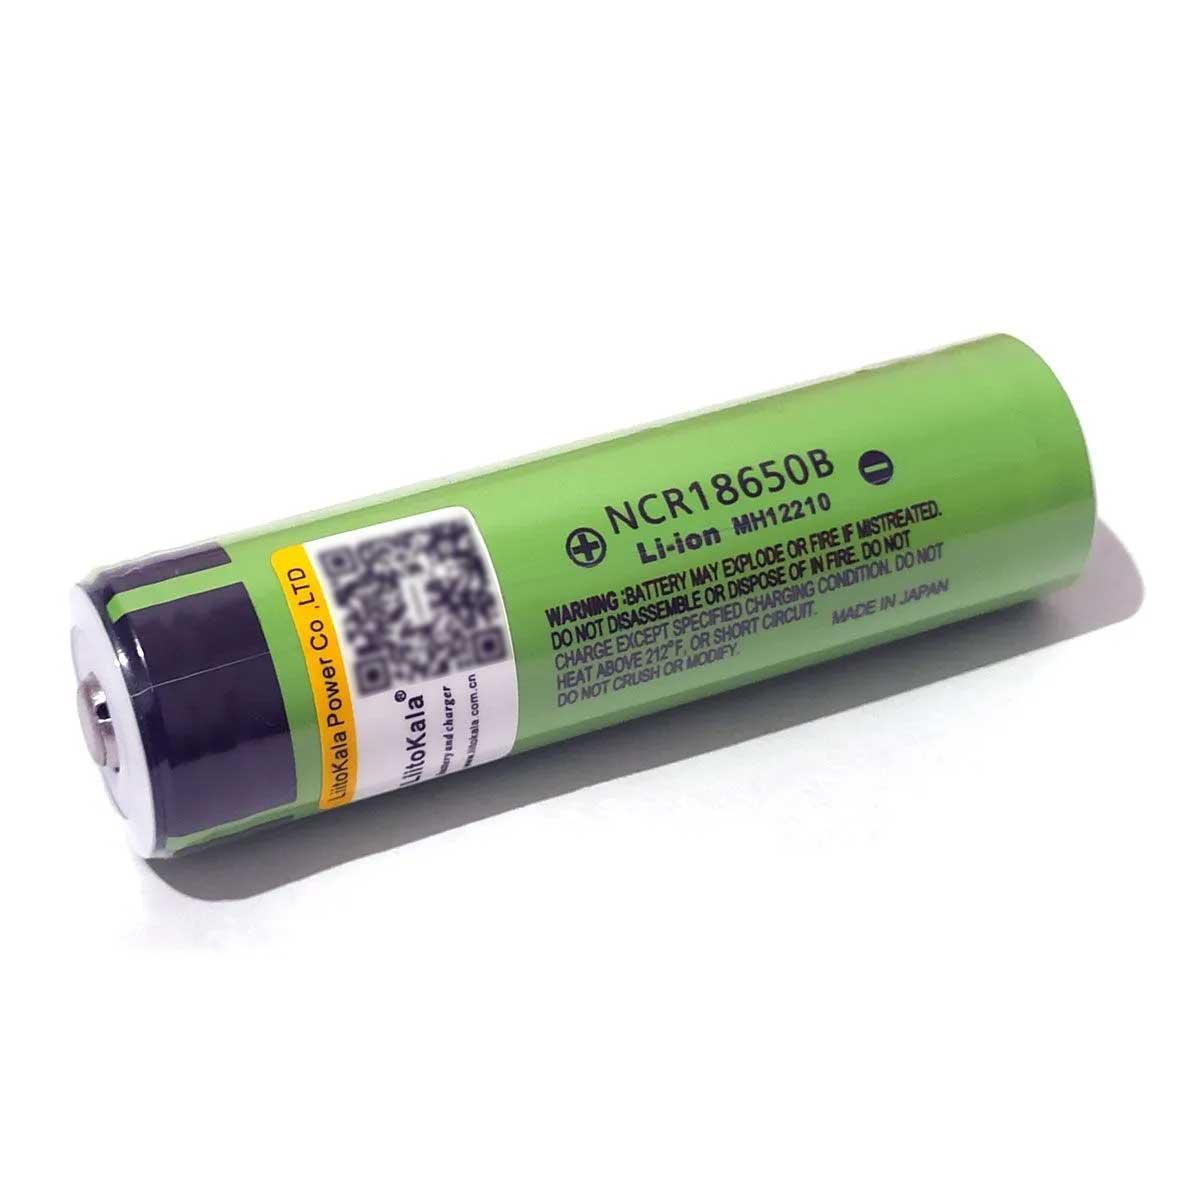 1x Bateria NCR 18650B Original 3,7v 3400mah Litio Recarregavel